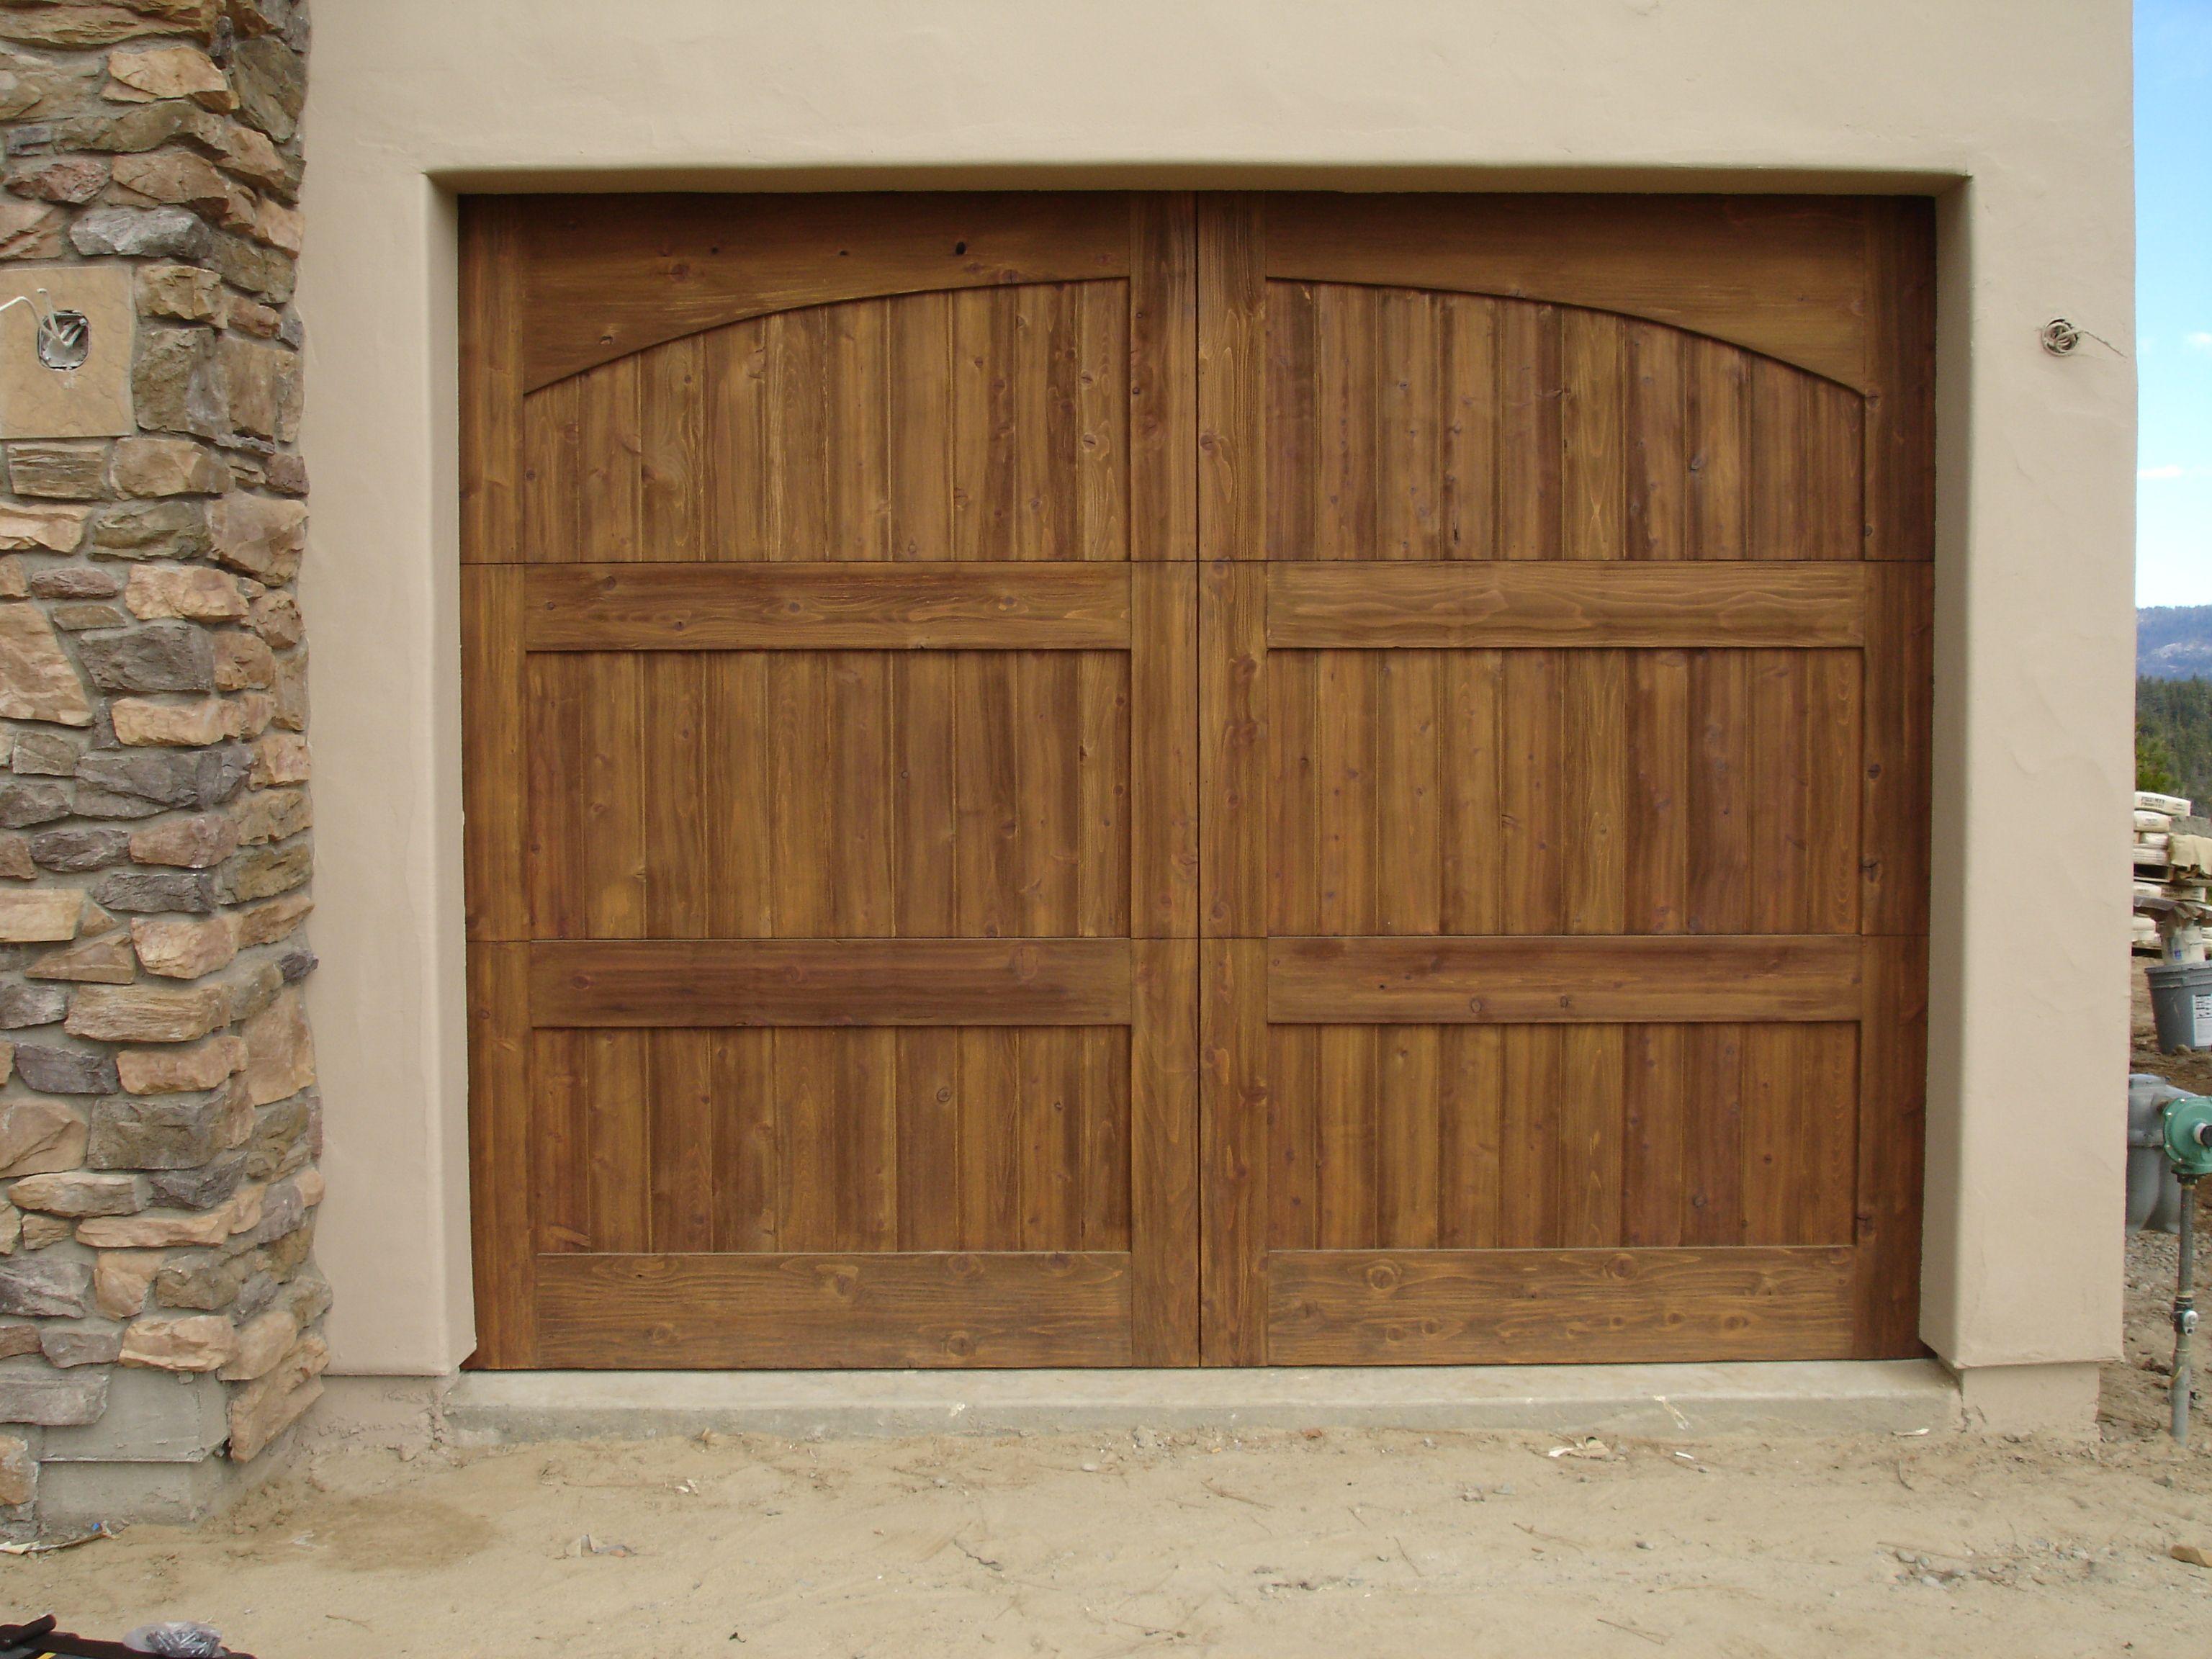 Wooden Garage Door Repair Your Home Design Wooden Garage Door Repair Wooden Garage Doors Garage Doors